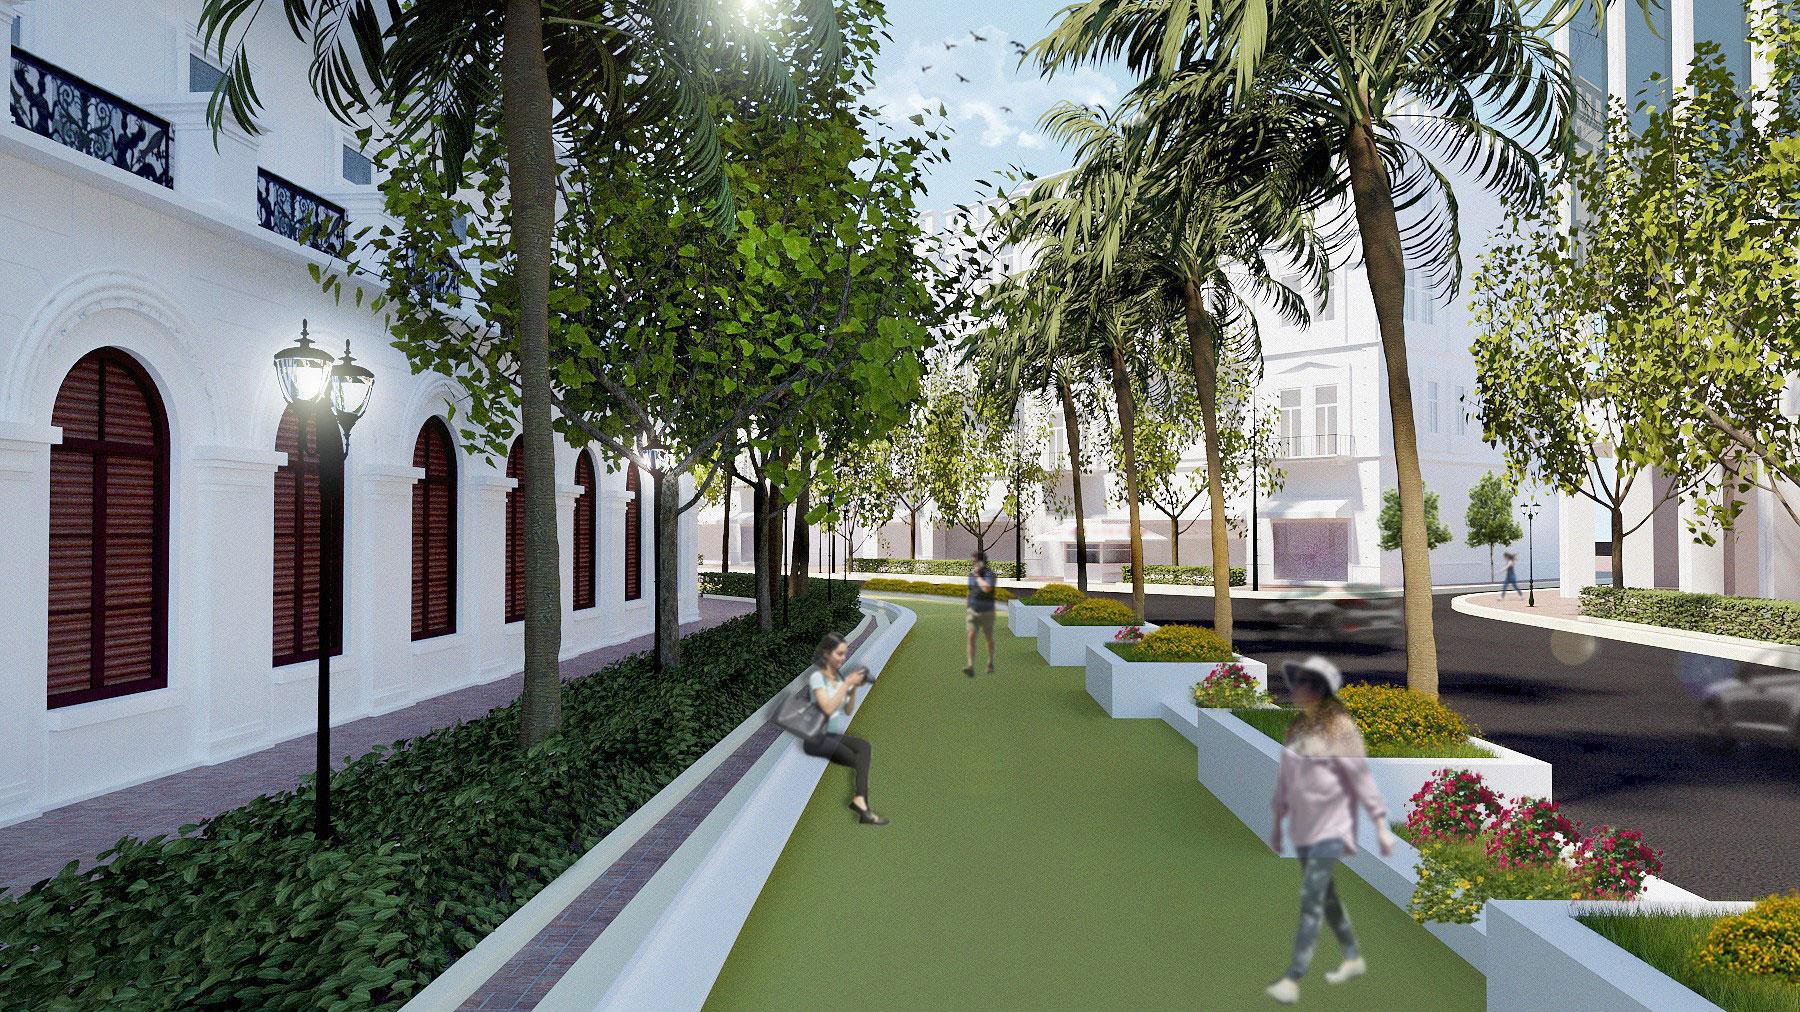 Athen wird bald sein Aussehen ändern ein grandioser Plan für den Wiederaufbau der griechischen Hauptstadt